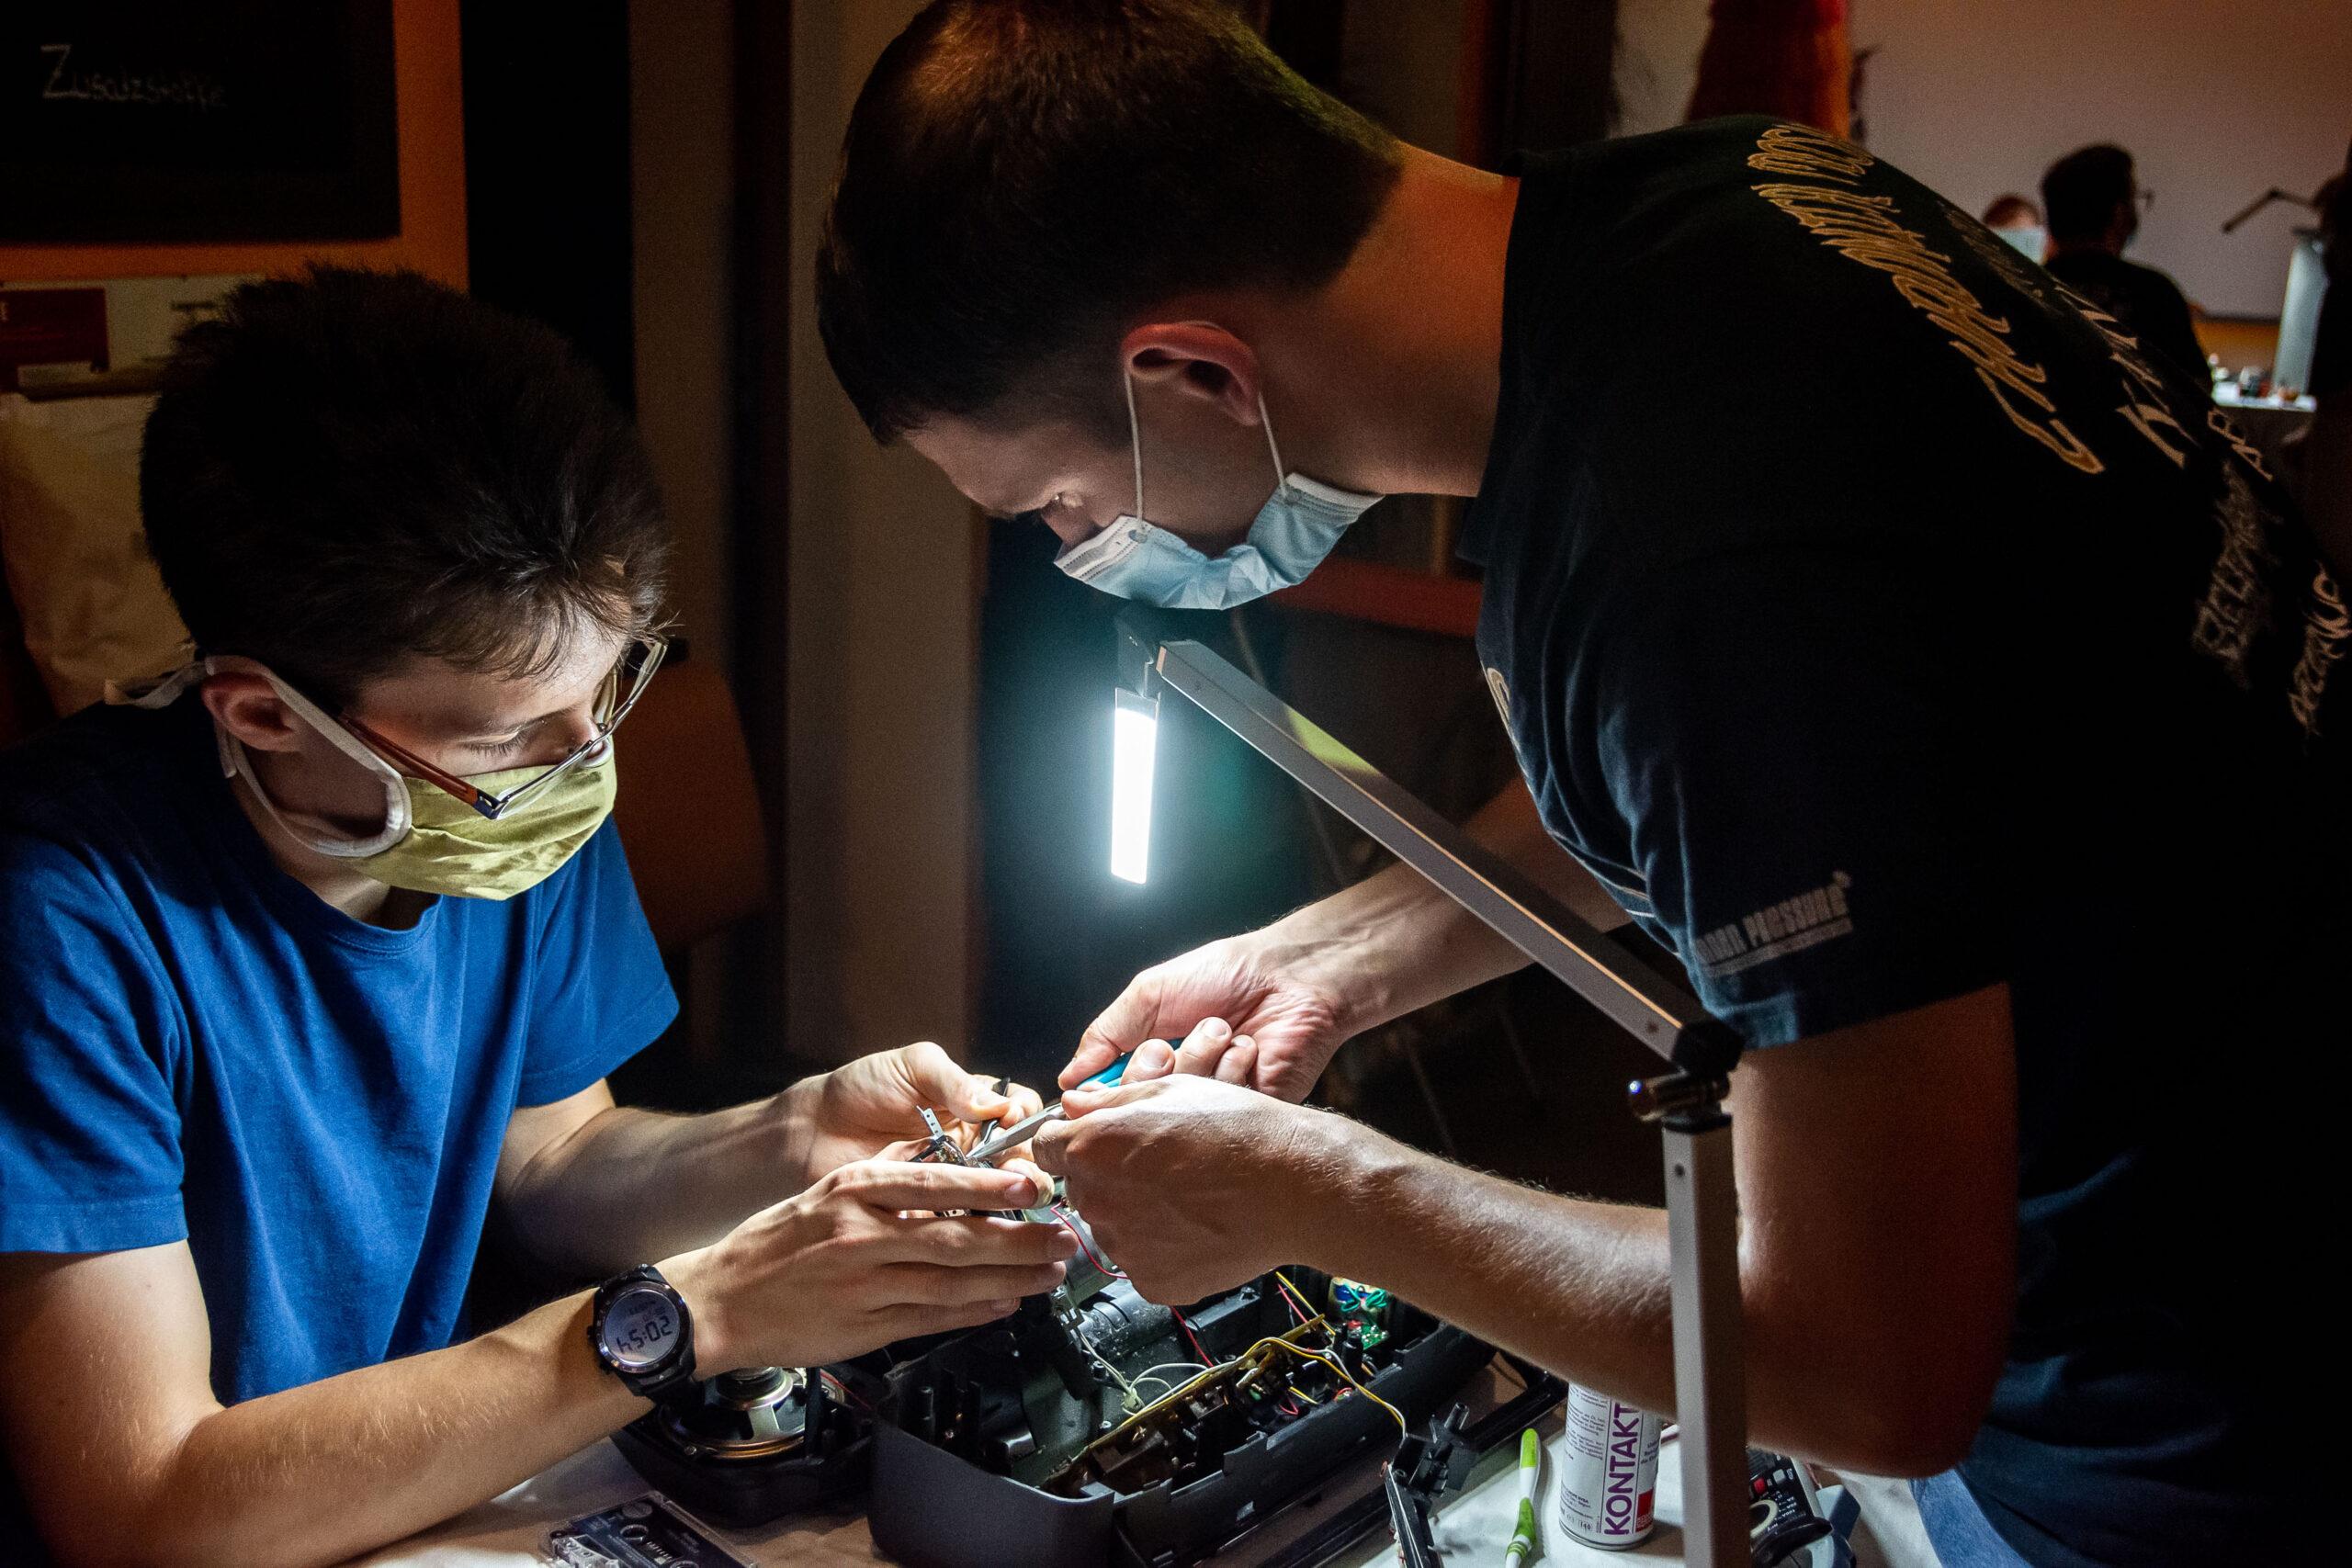 Reportagefotografie - Werbeagentur Haas: Operation im RepairCafe Dresden